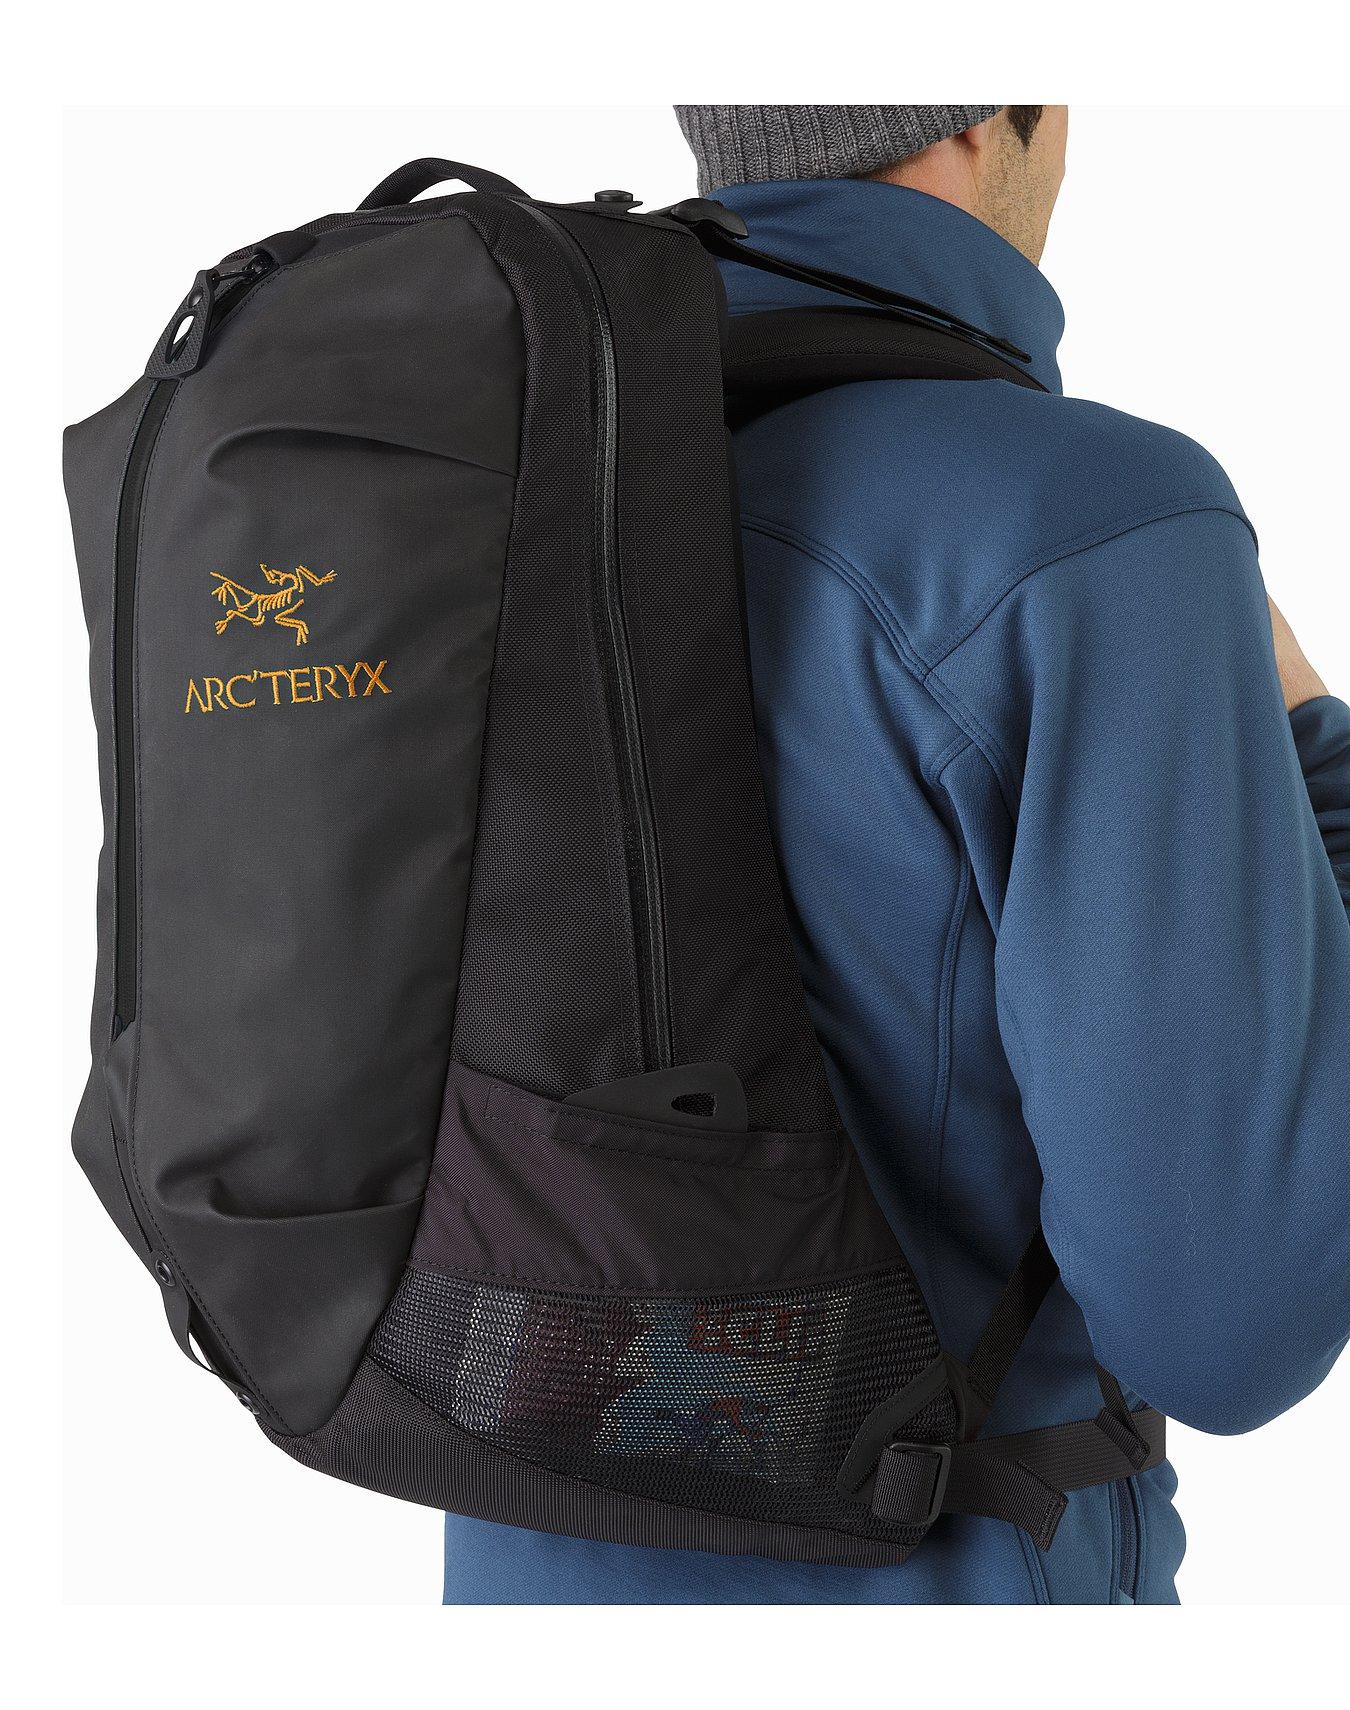 Arro-22-Backpack-Black-Side-Pocket.jpg